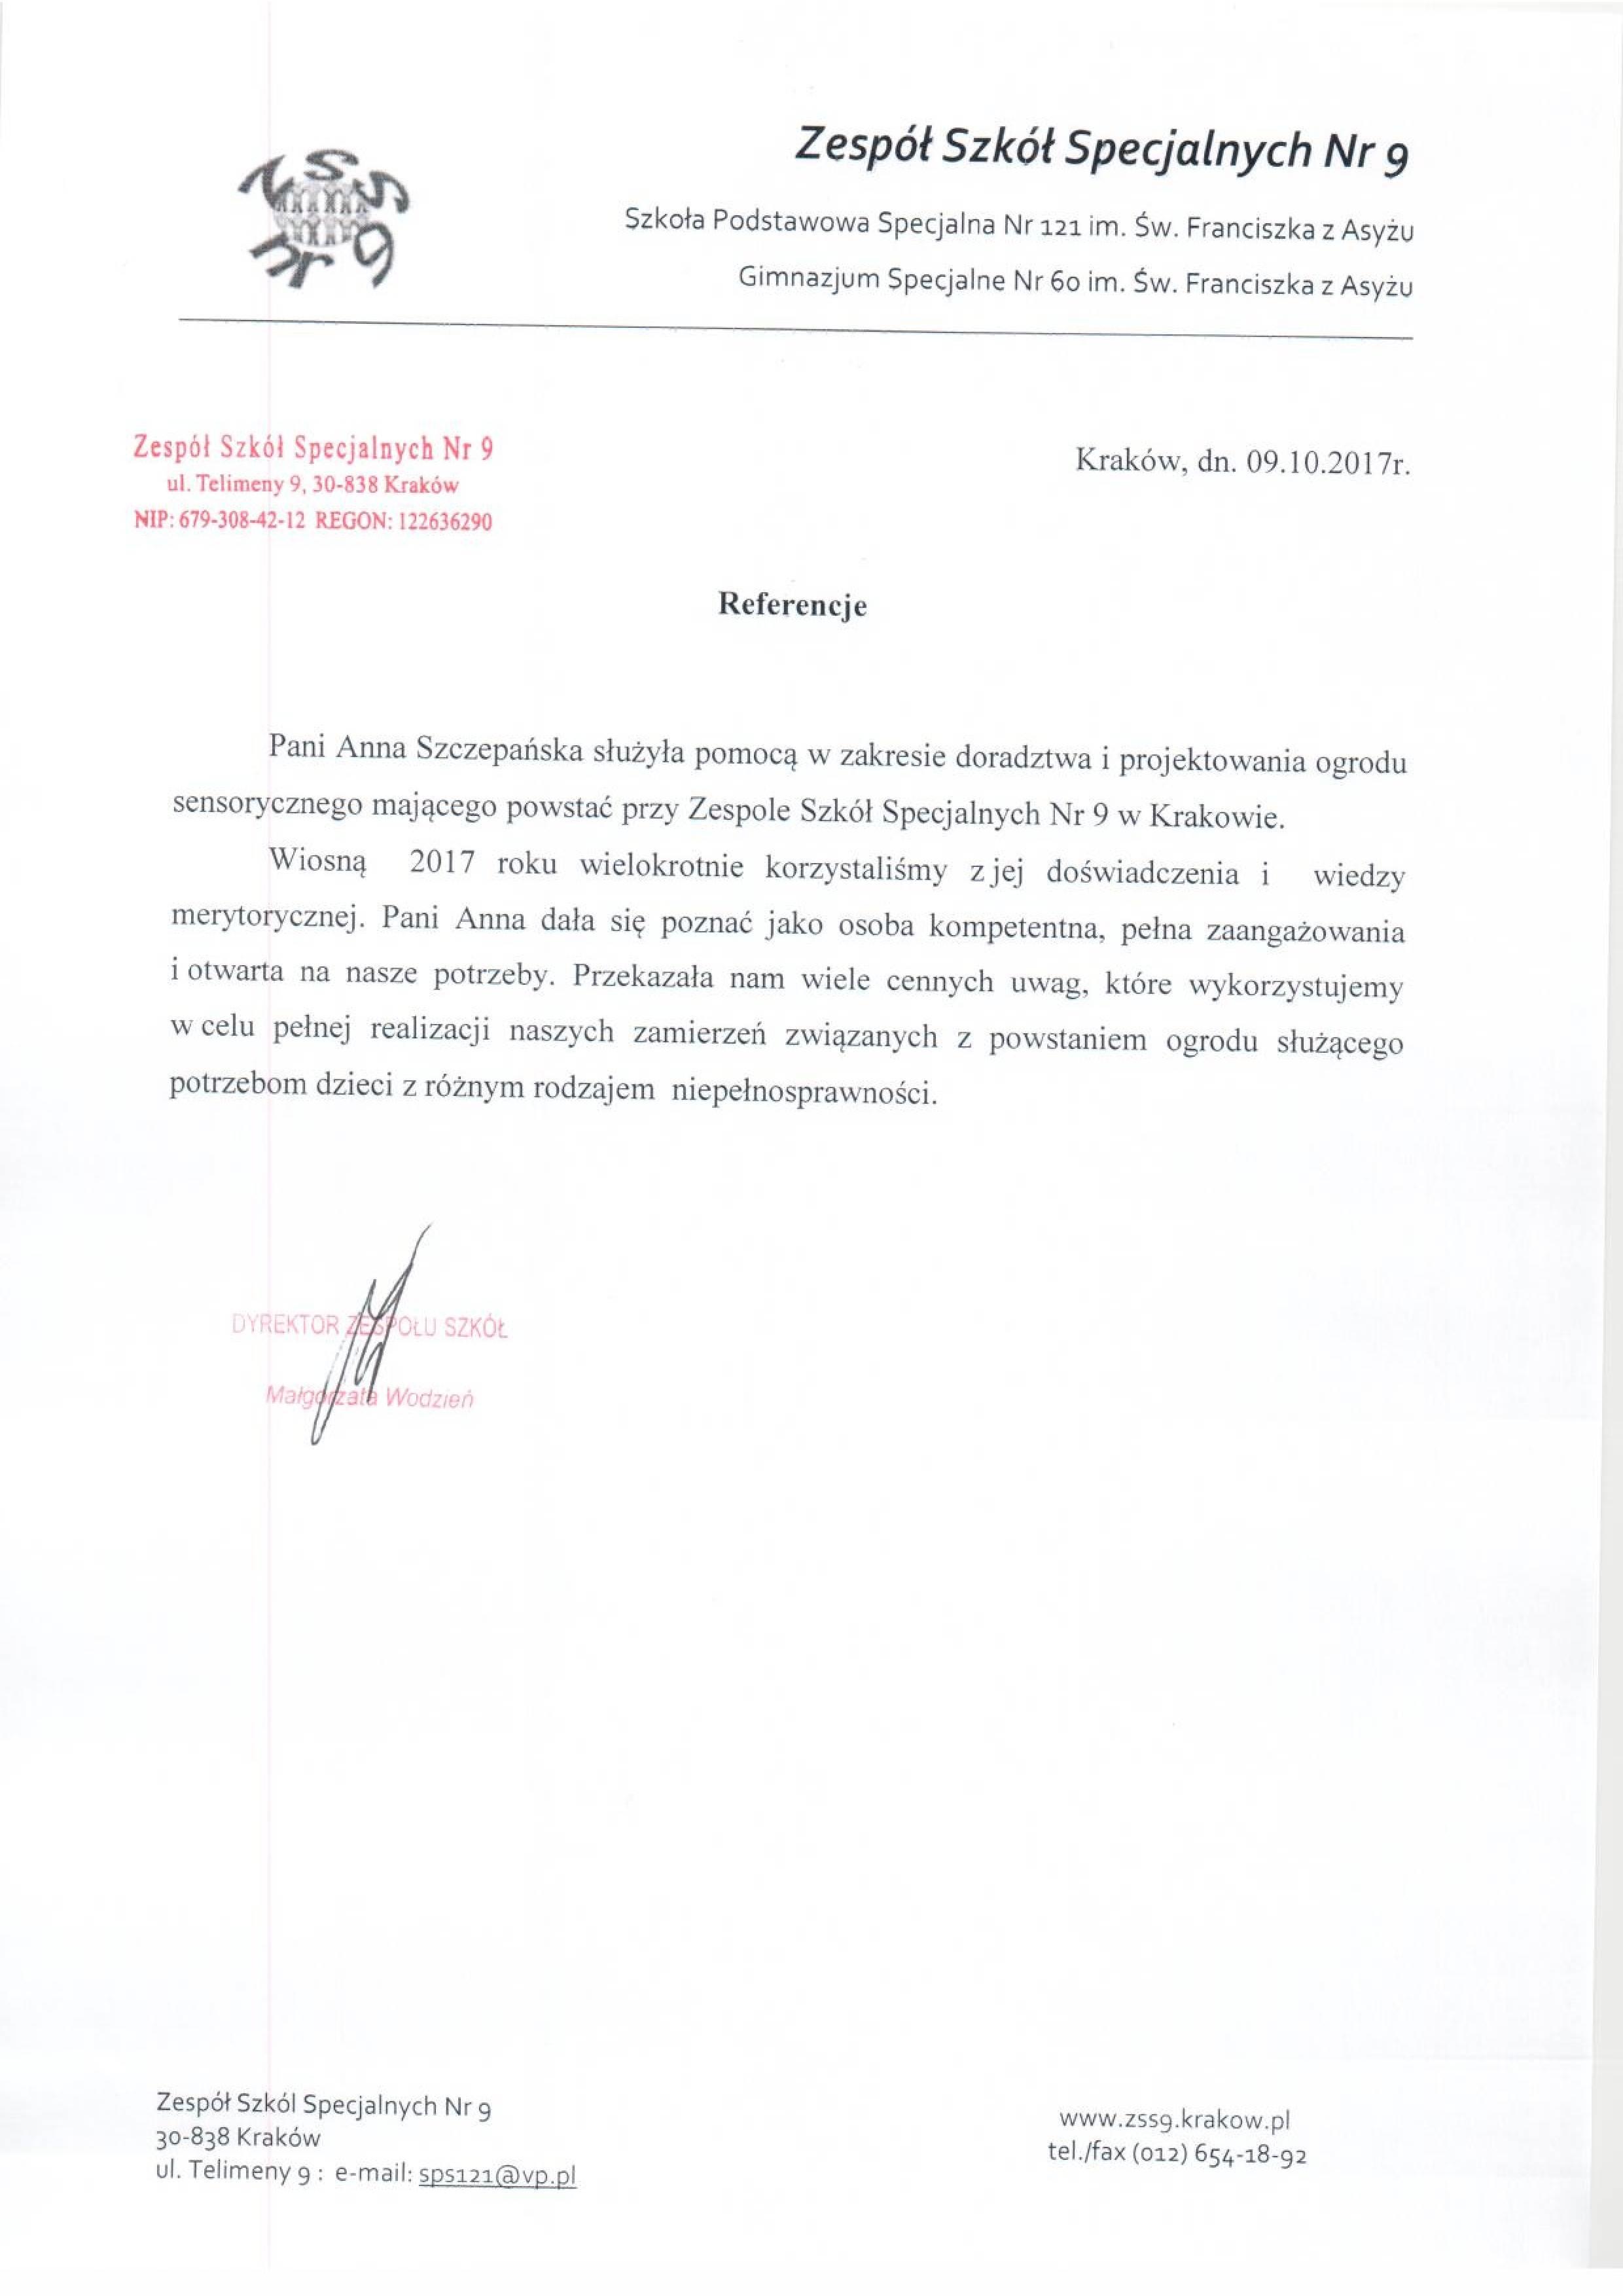 ZT referencje17 ZSS9 Telimeny KR1 - Referencje szkoła specjalna 9 Kraków